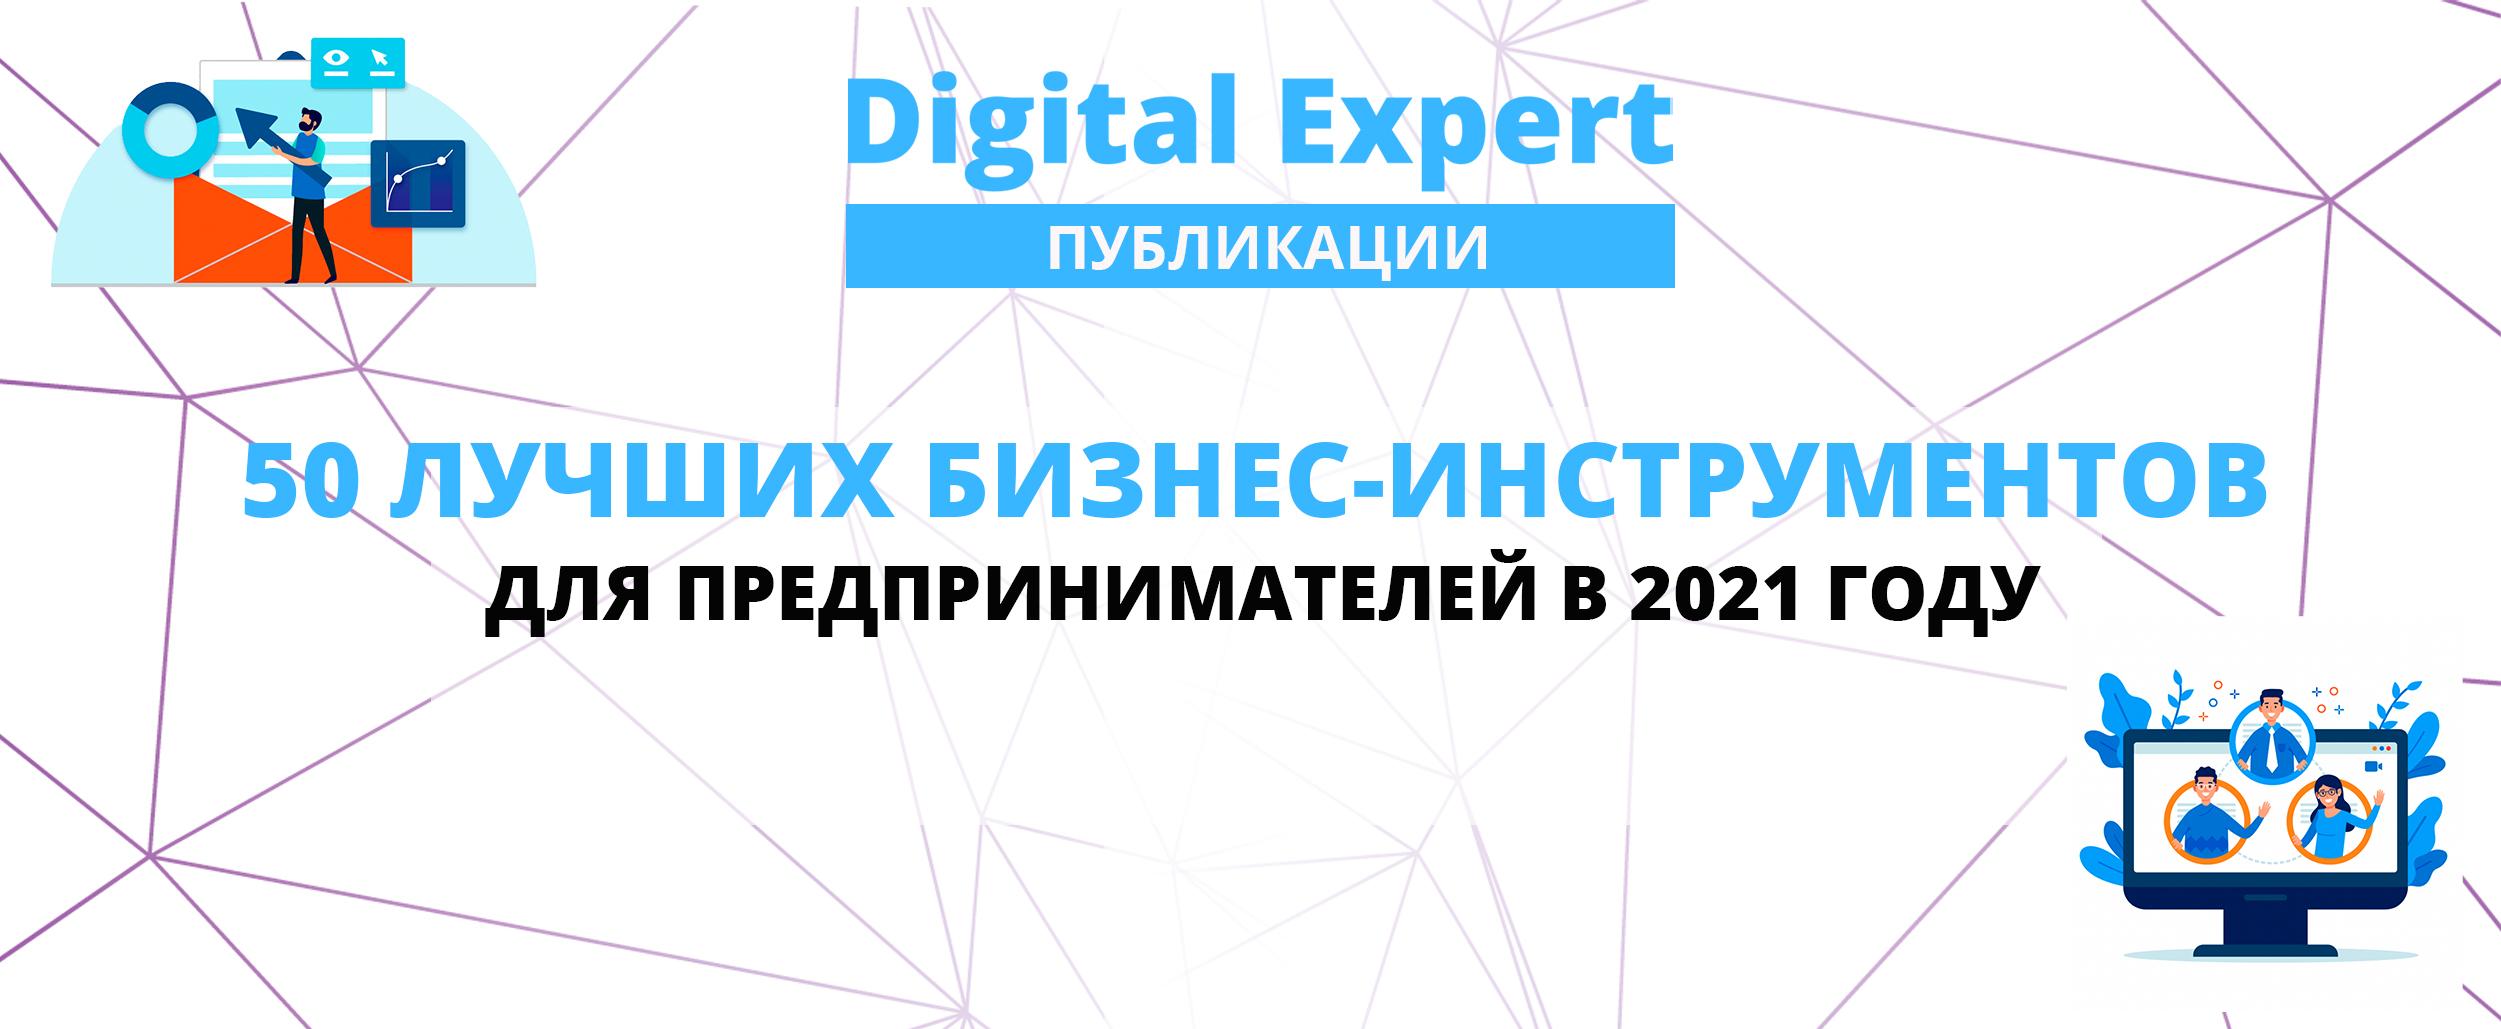 Лучшие инструменты для развития онлайн-бизнеса в 2021 году